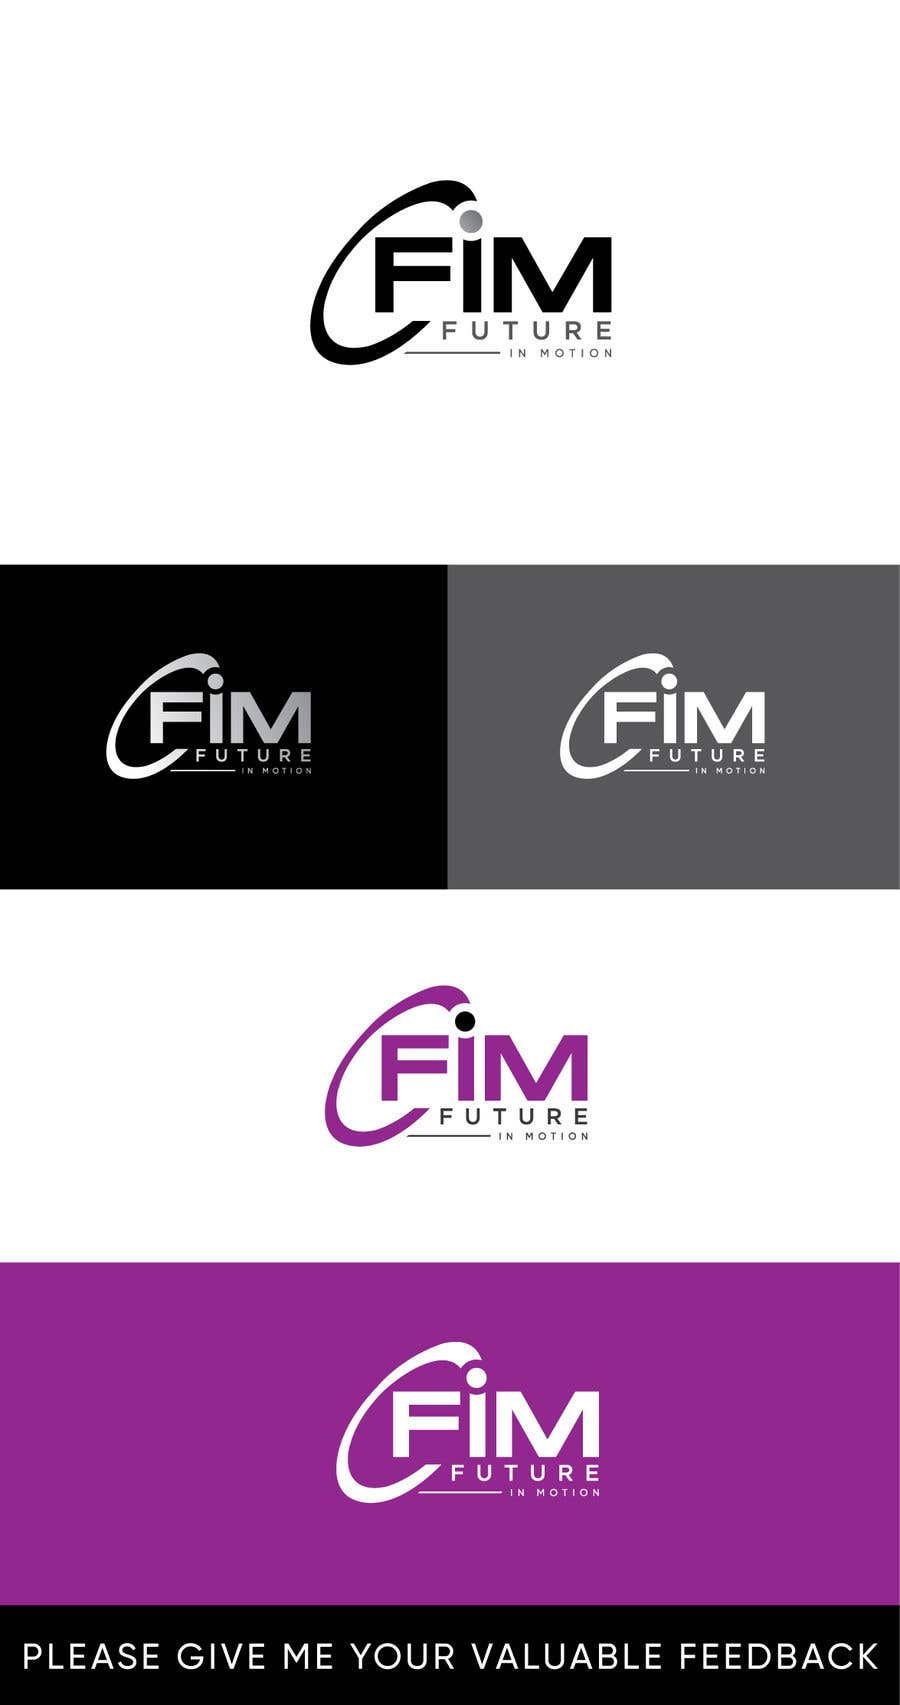 Kilpailutyö #                                        1306                                      kilpailussa                                         Design a company logo